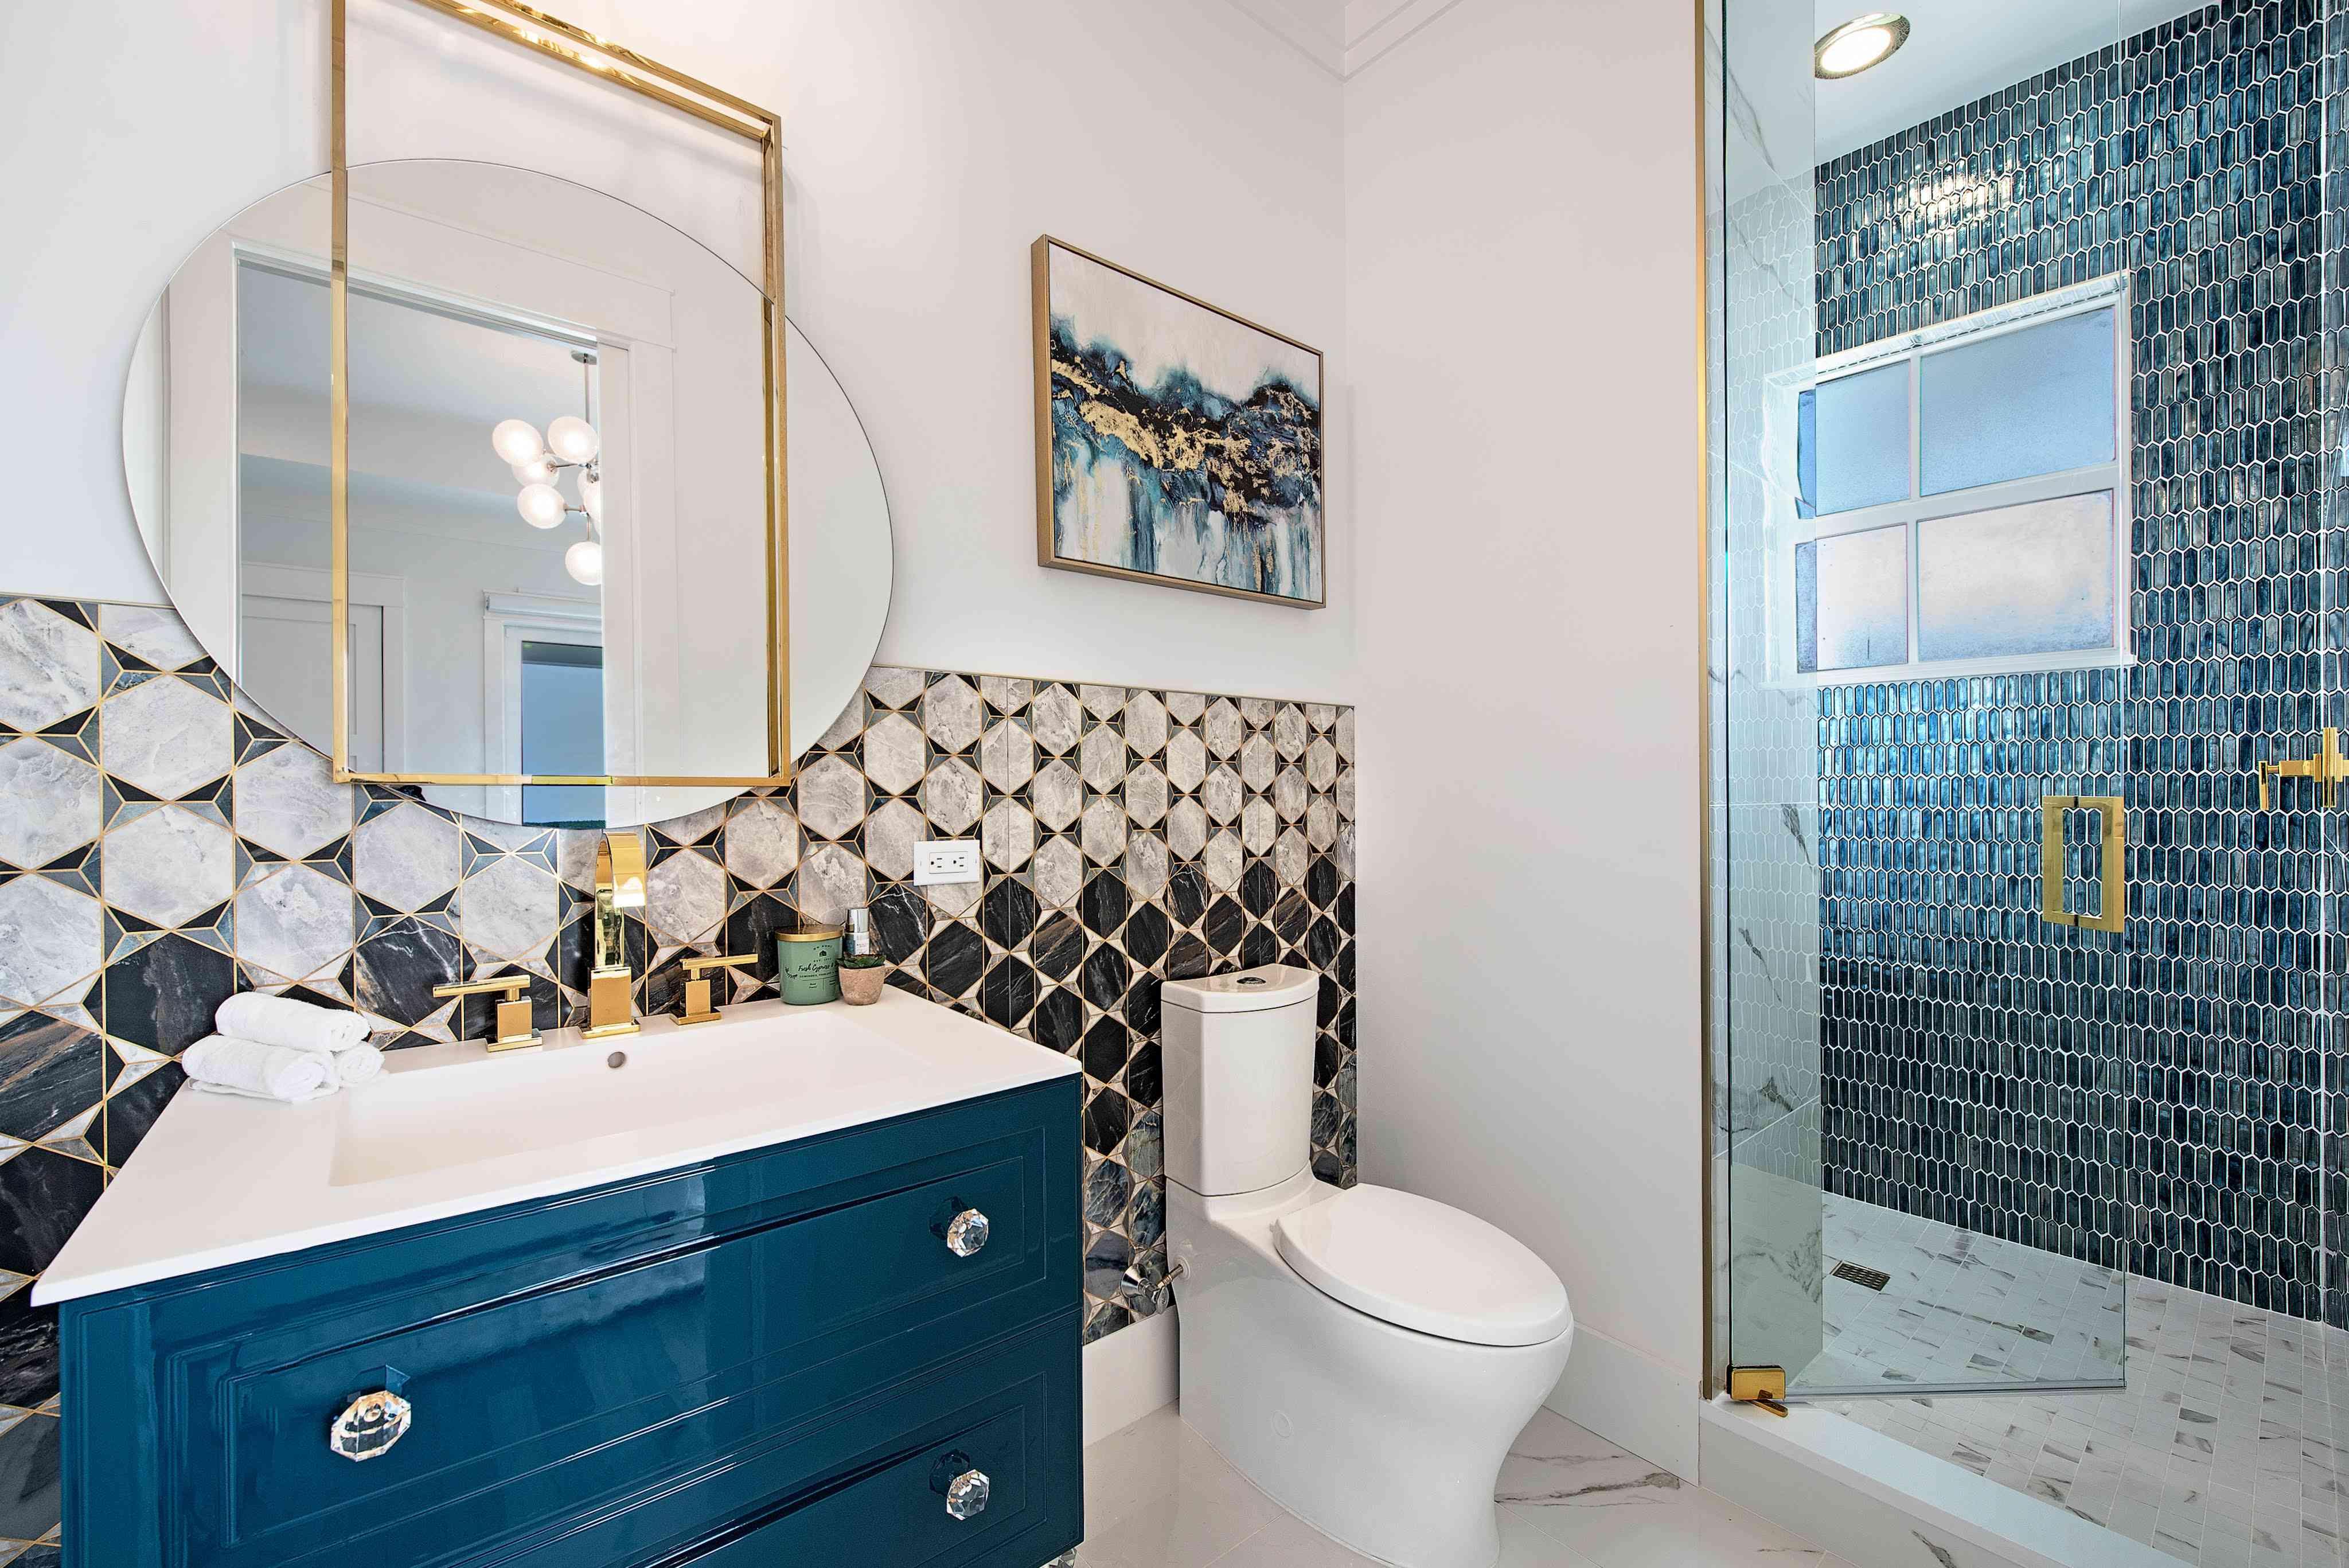 20 Best Bathroom Design and Décor Ideas